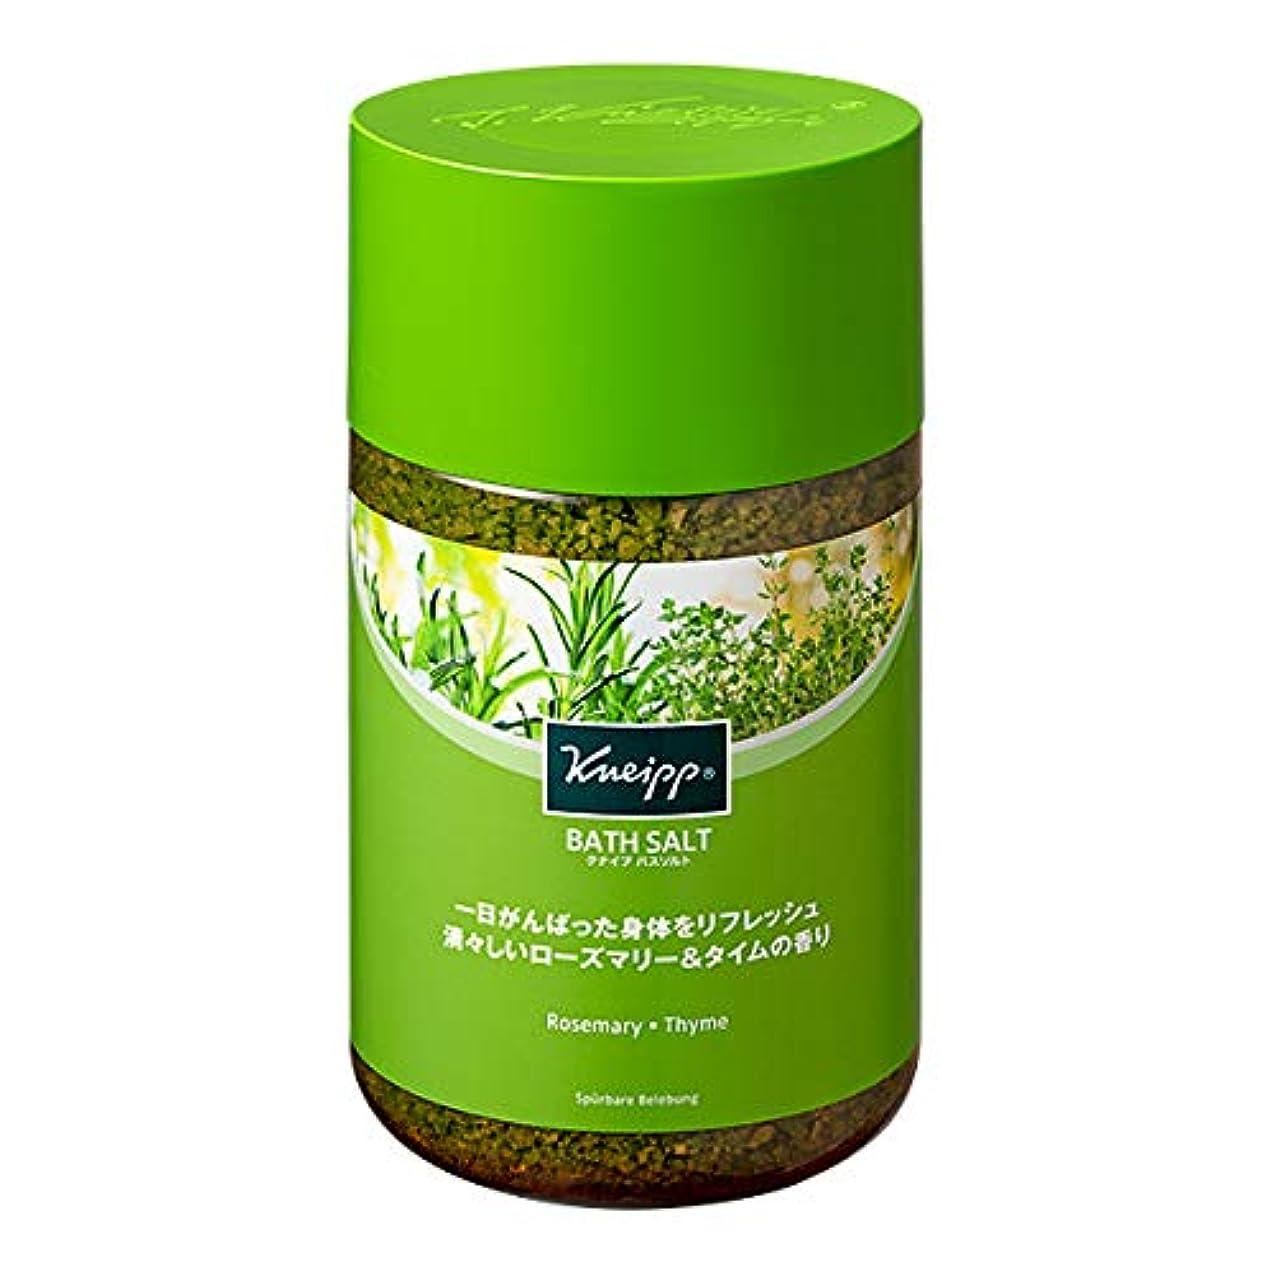 原点世界記録のギネスブック死にかけているクナイプ(Kneipp) クナイプ バスソルト ローズマリー&タイムの香り850g 入浴剤